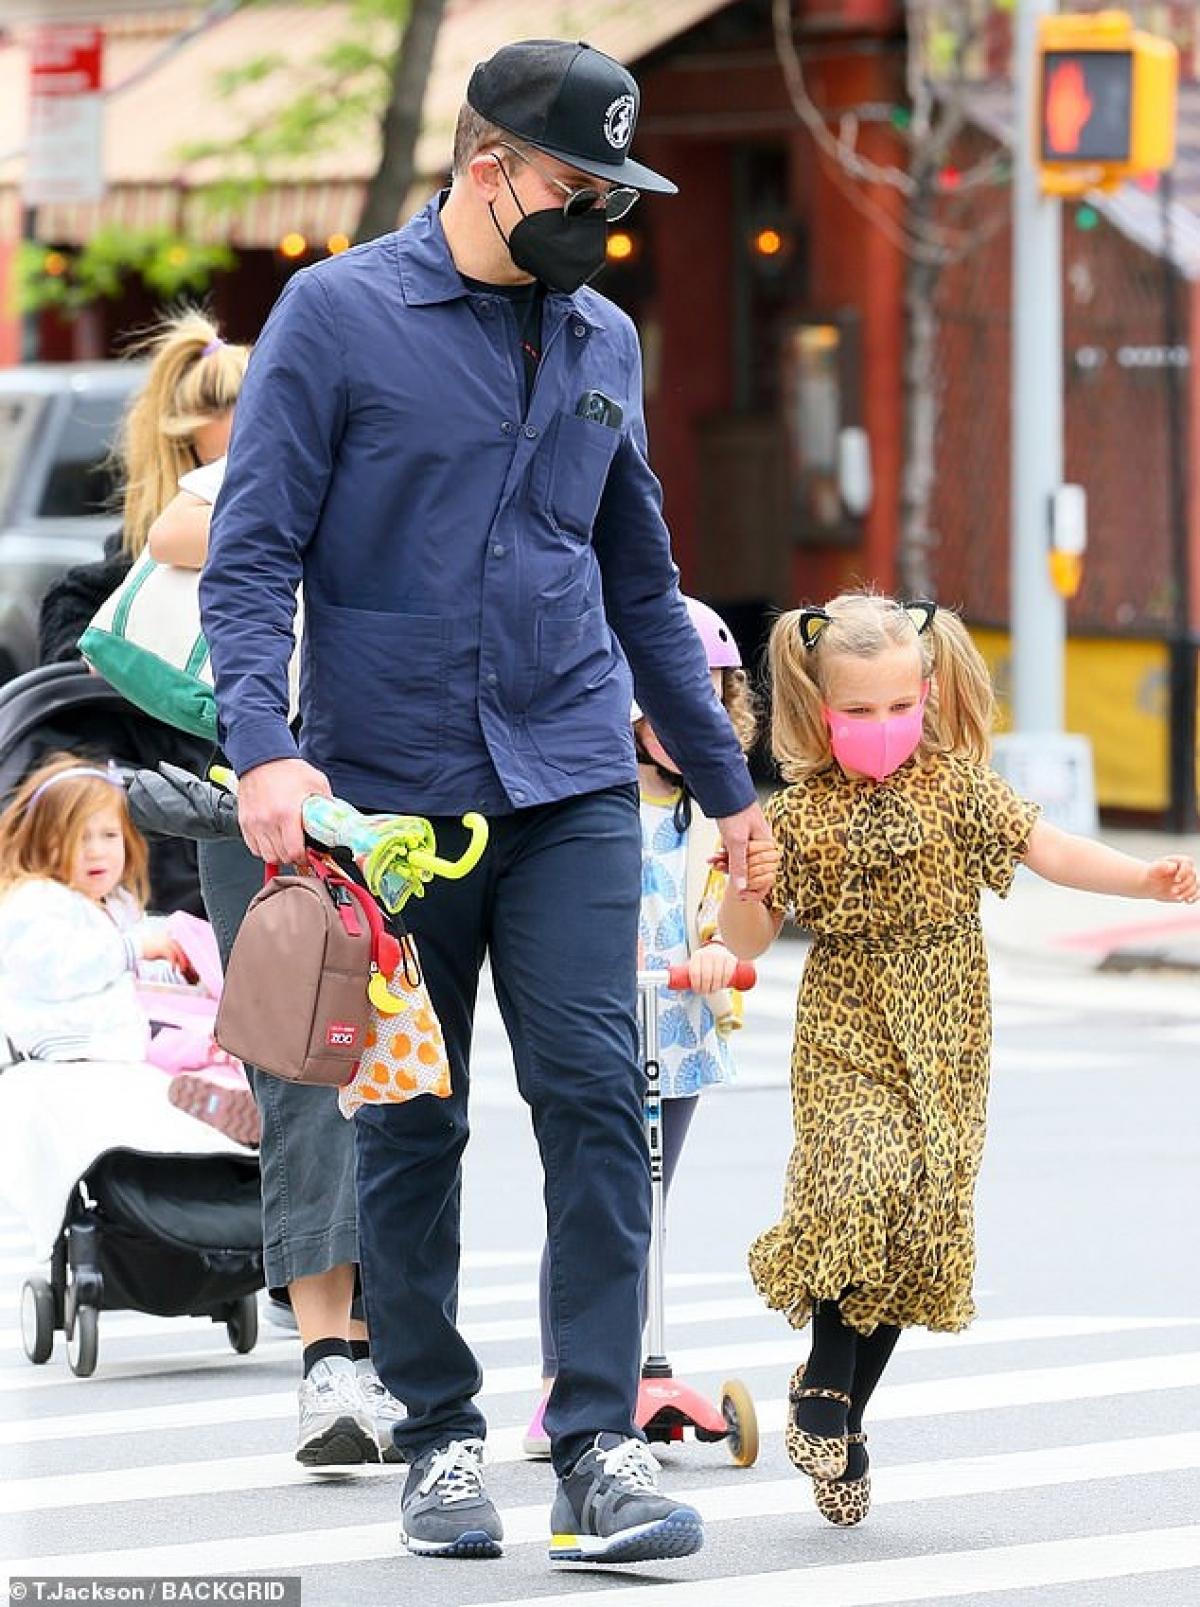 Dù đã chia tay nhưng Bradley Cooper và Irina Shayk vẫn phân bổ thời gian để cùng chăm sóc con gái nhỏ.